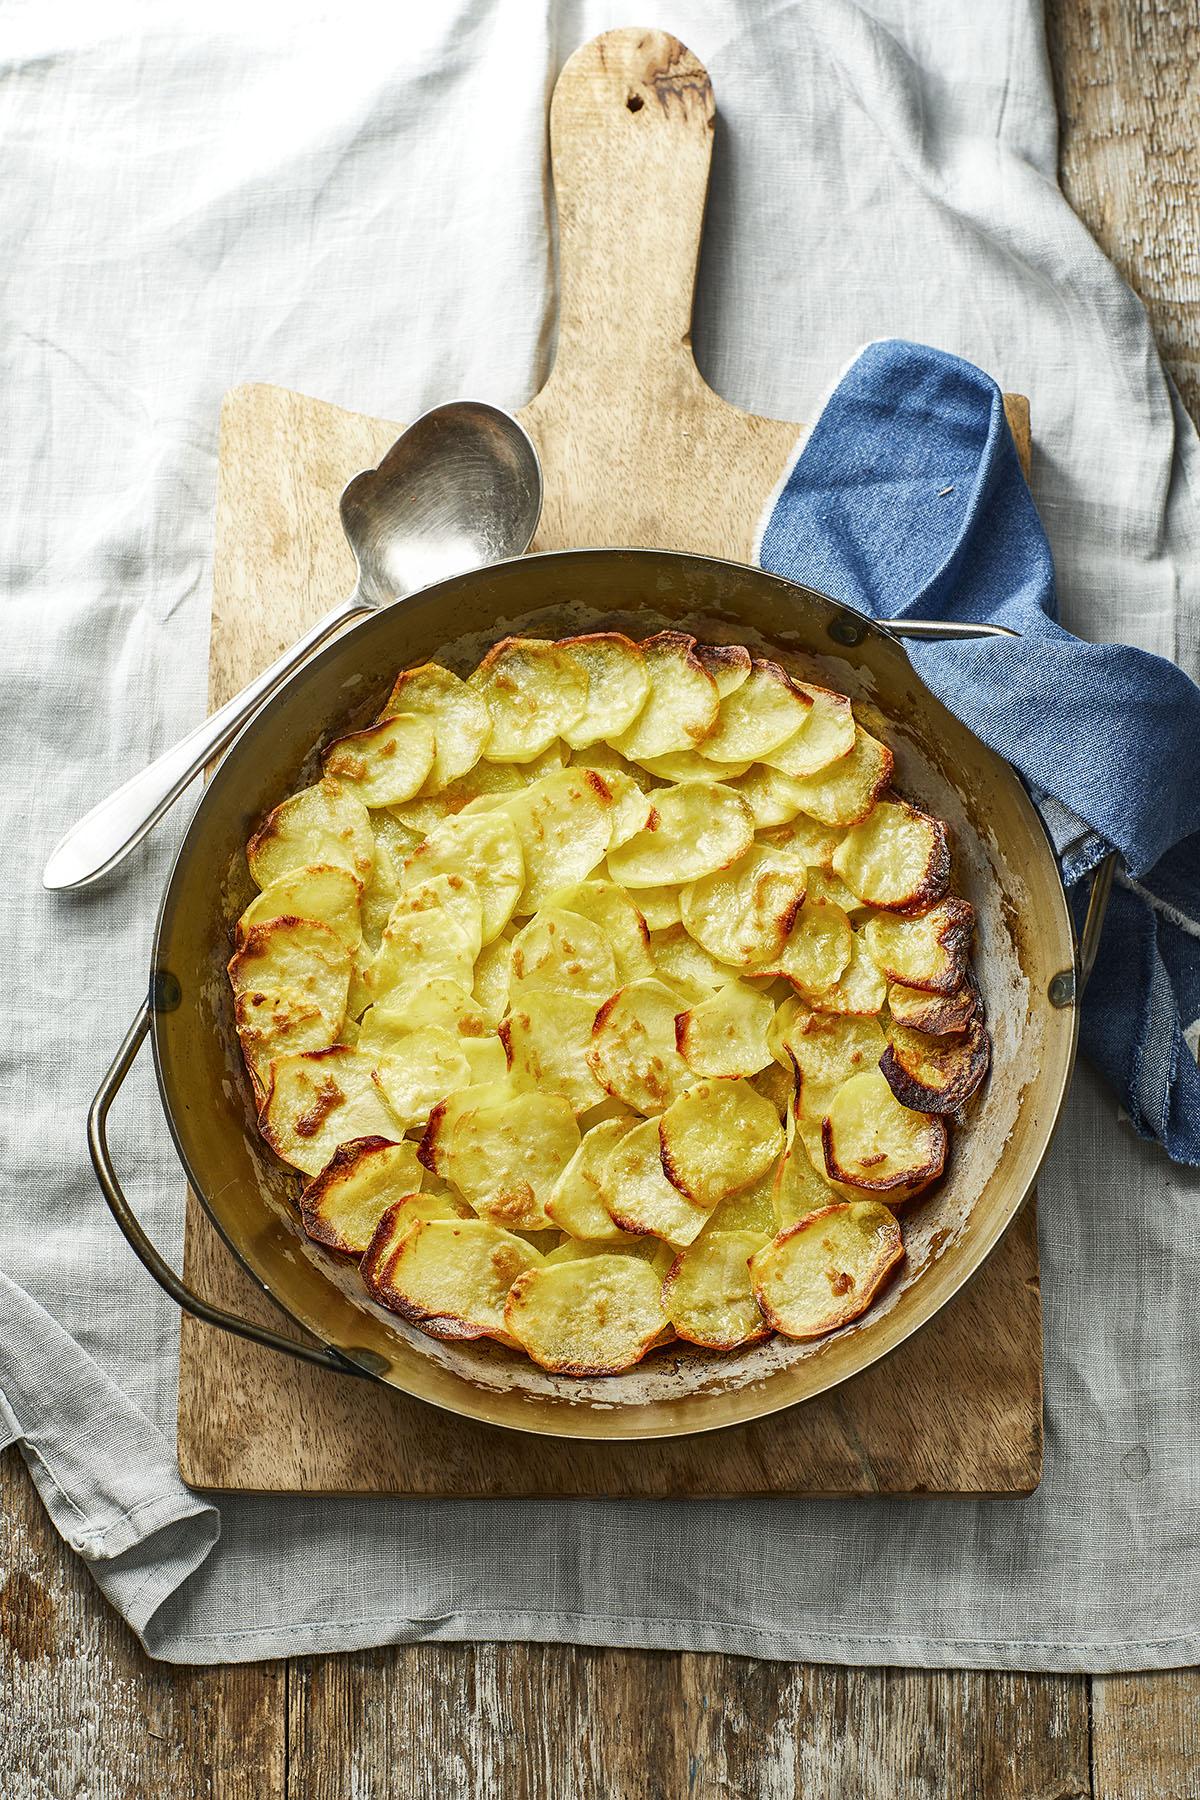 Pommes anna met mosterd